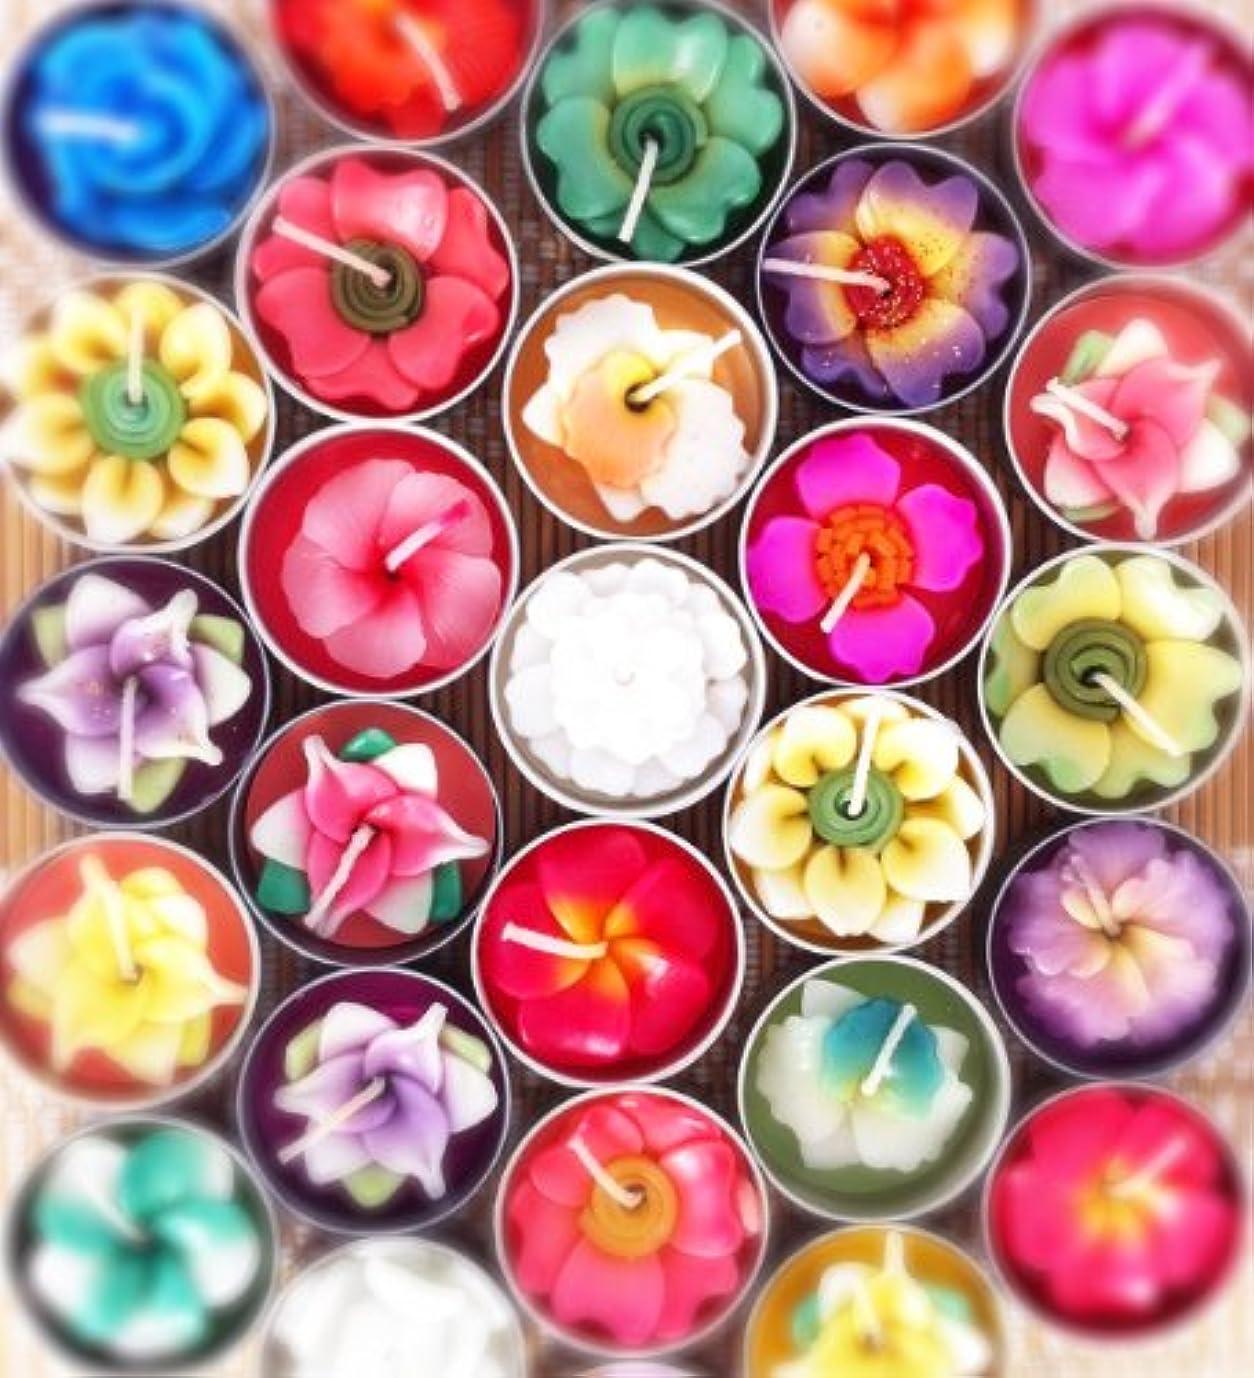 圧力水曜日危機Tiddin Design【キャンドル】フラワーキャンドル/ティーライトキャンドル/ろうそく/花の香り/Flower Candle (10個入りお徳用パック)